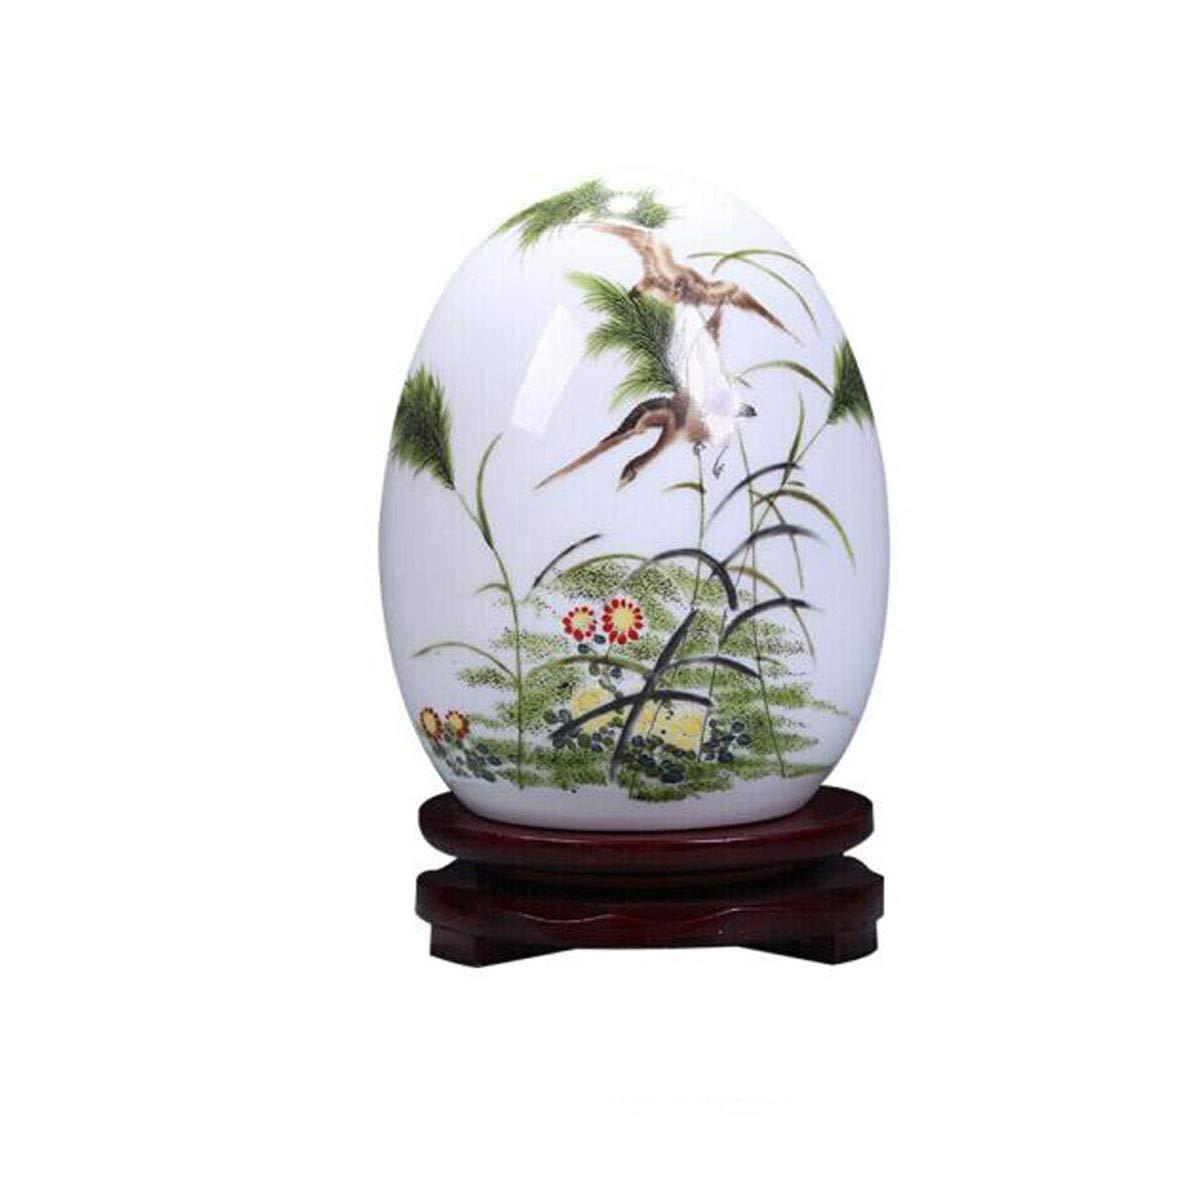 陶磁器の装飾品、景徳鎮のワインキャビネットの装飾、現代中国のリビングルームのポーチの家の装飾、工芸品の装飾、利用可能な様々なスタイル (PATTERN : E) B07SNTSZPN  E